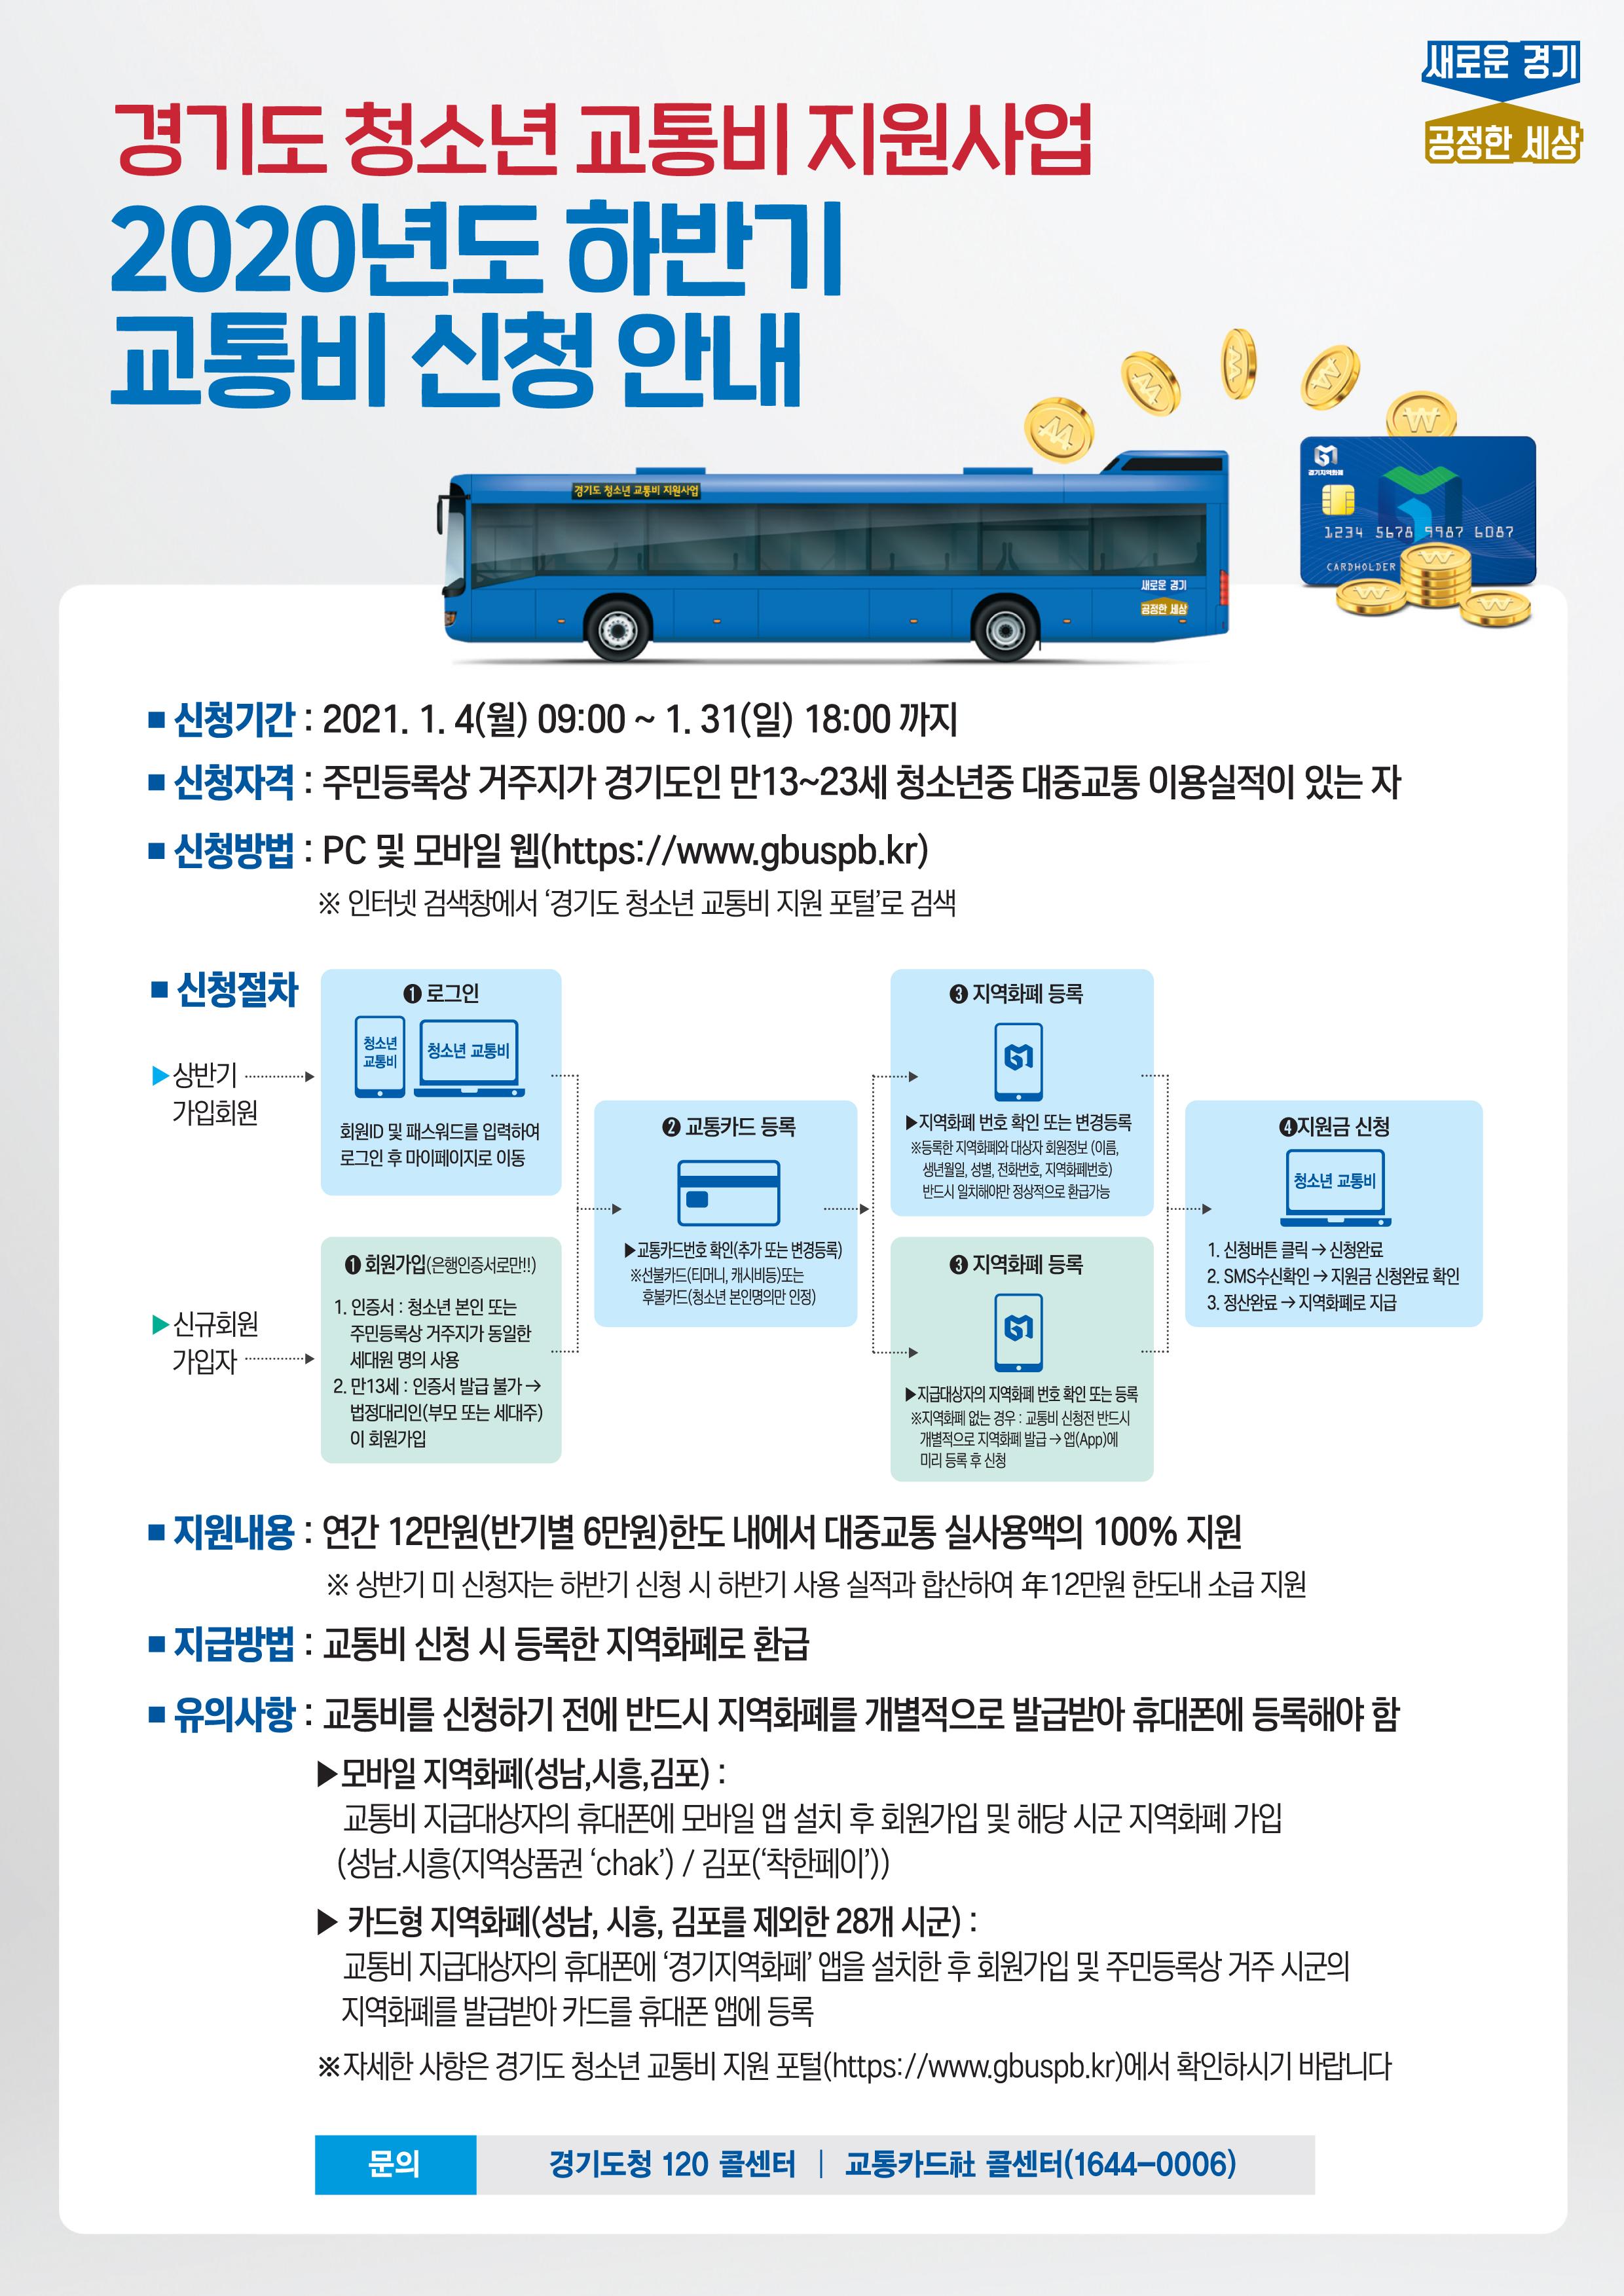 경기도 청소년 교통비 지원사업